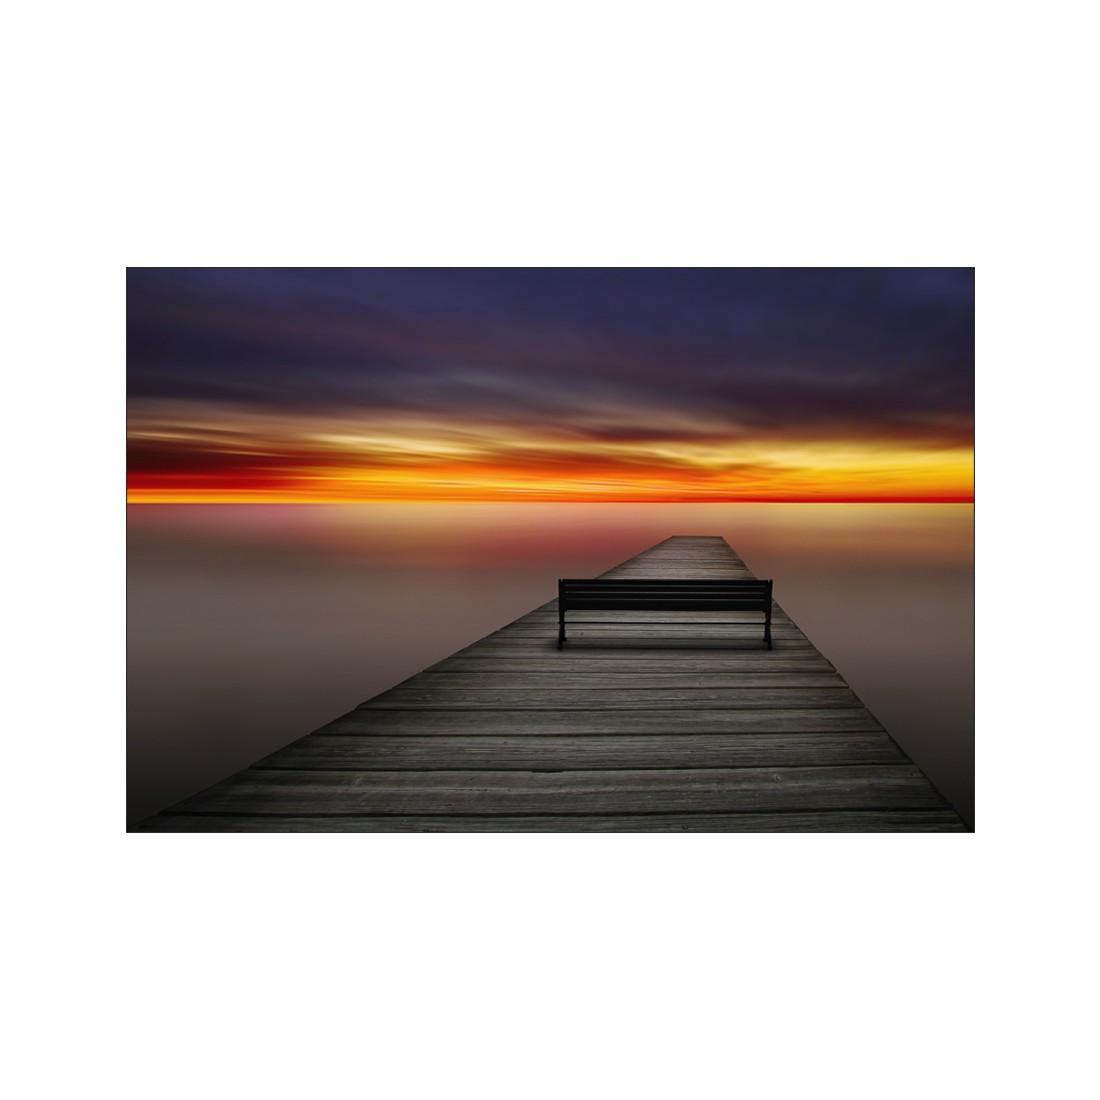 Acrylglasbild Serenity – Abmessung 60×40 cm, Gallery of Innovative Art online kaufen